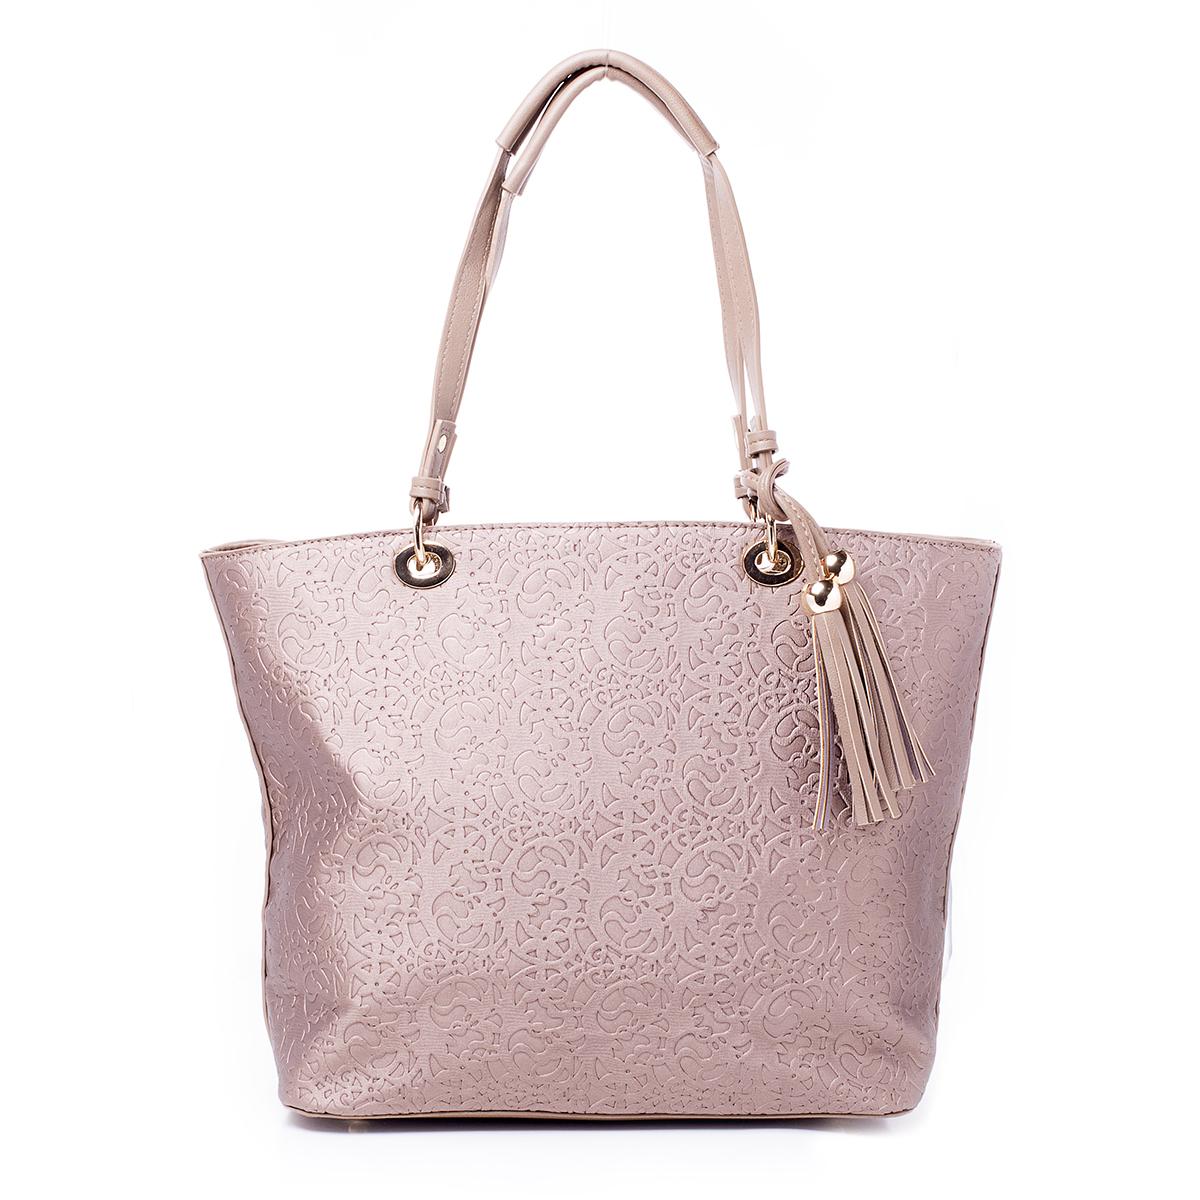 Сумка женская Renee Kler, цвет: песочный. RK498-04S76245Стильная женская сумка Renee Kler выполнена из качественной искусственной кожи. Сумка оформлена оригинальным тиснением. Изделие имеет одно отделение и застегивается на молнию. Внутри отделения находятся два накладных кармана и один врезной карман на застежке-молнии. Отделение разделено карманом-средником на застежке-молнии.С внешней задней стороны - врезной карман на застежке-молнии. Модель дополнена шнурком с двумя подвесками с бахромой из искусственной кожи в тон сумке. Сумка оснащена двумя удобными ручками с металлической фурнитурой.